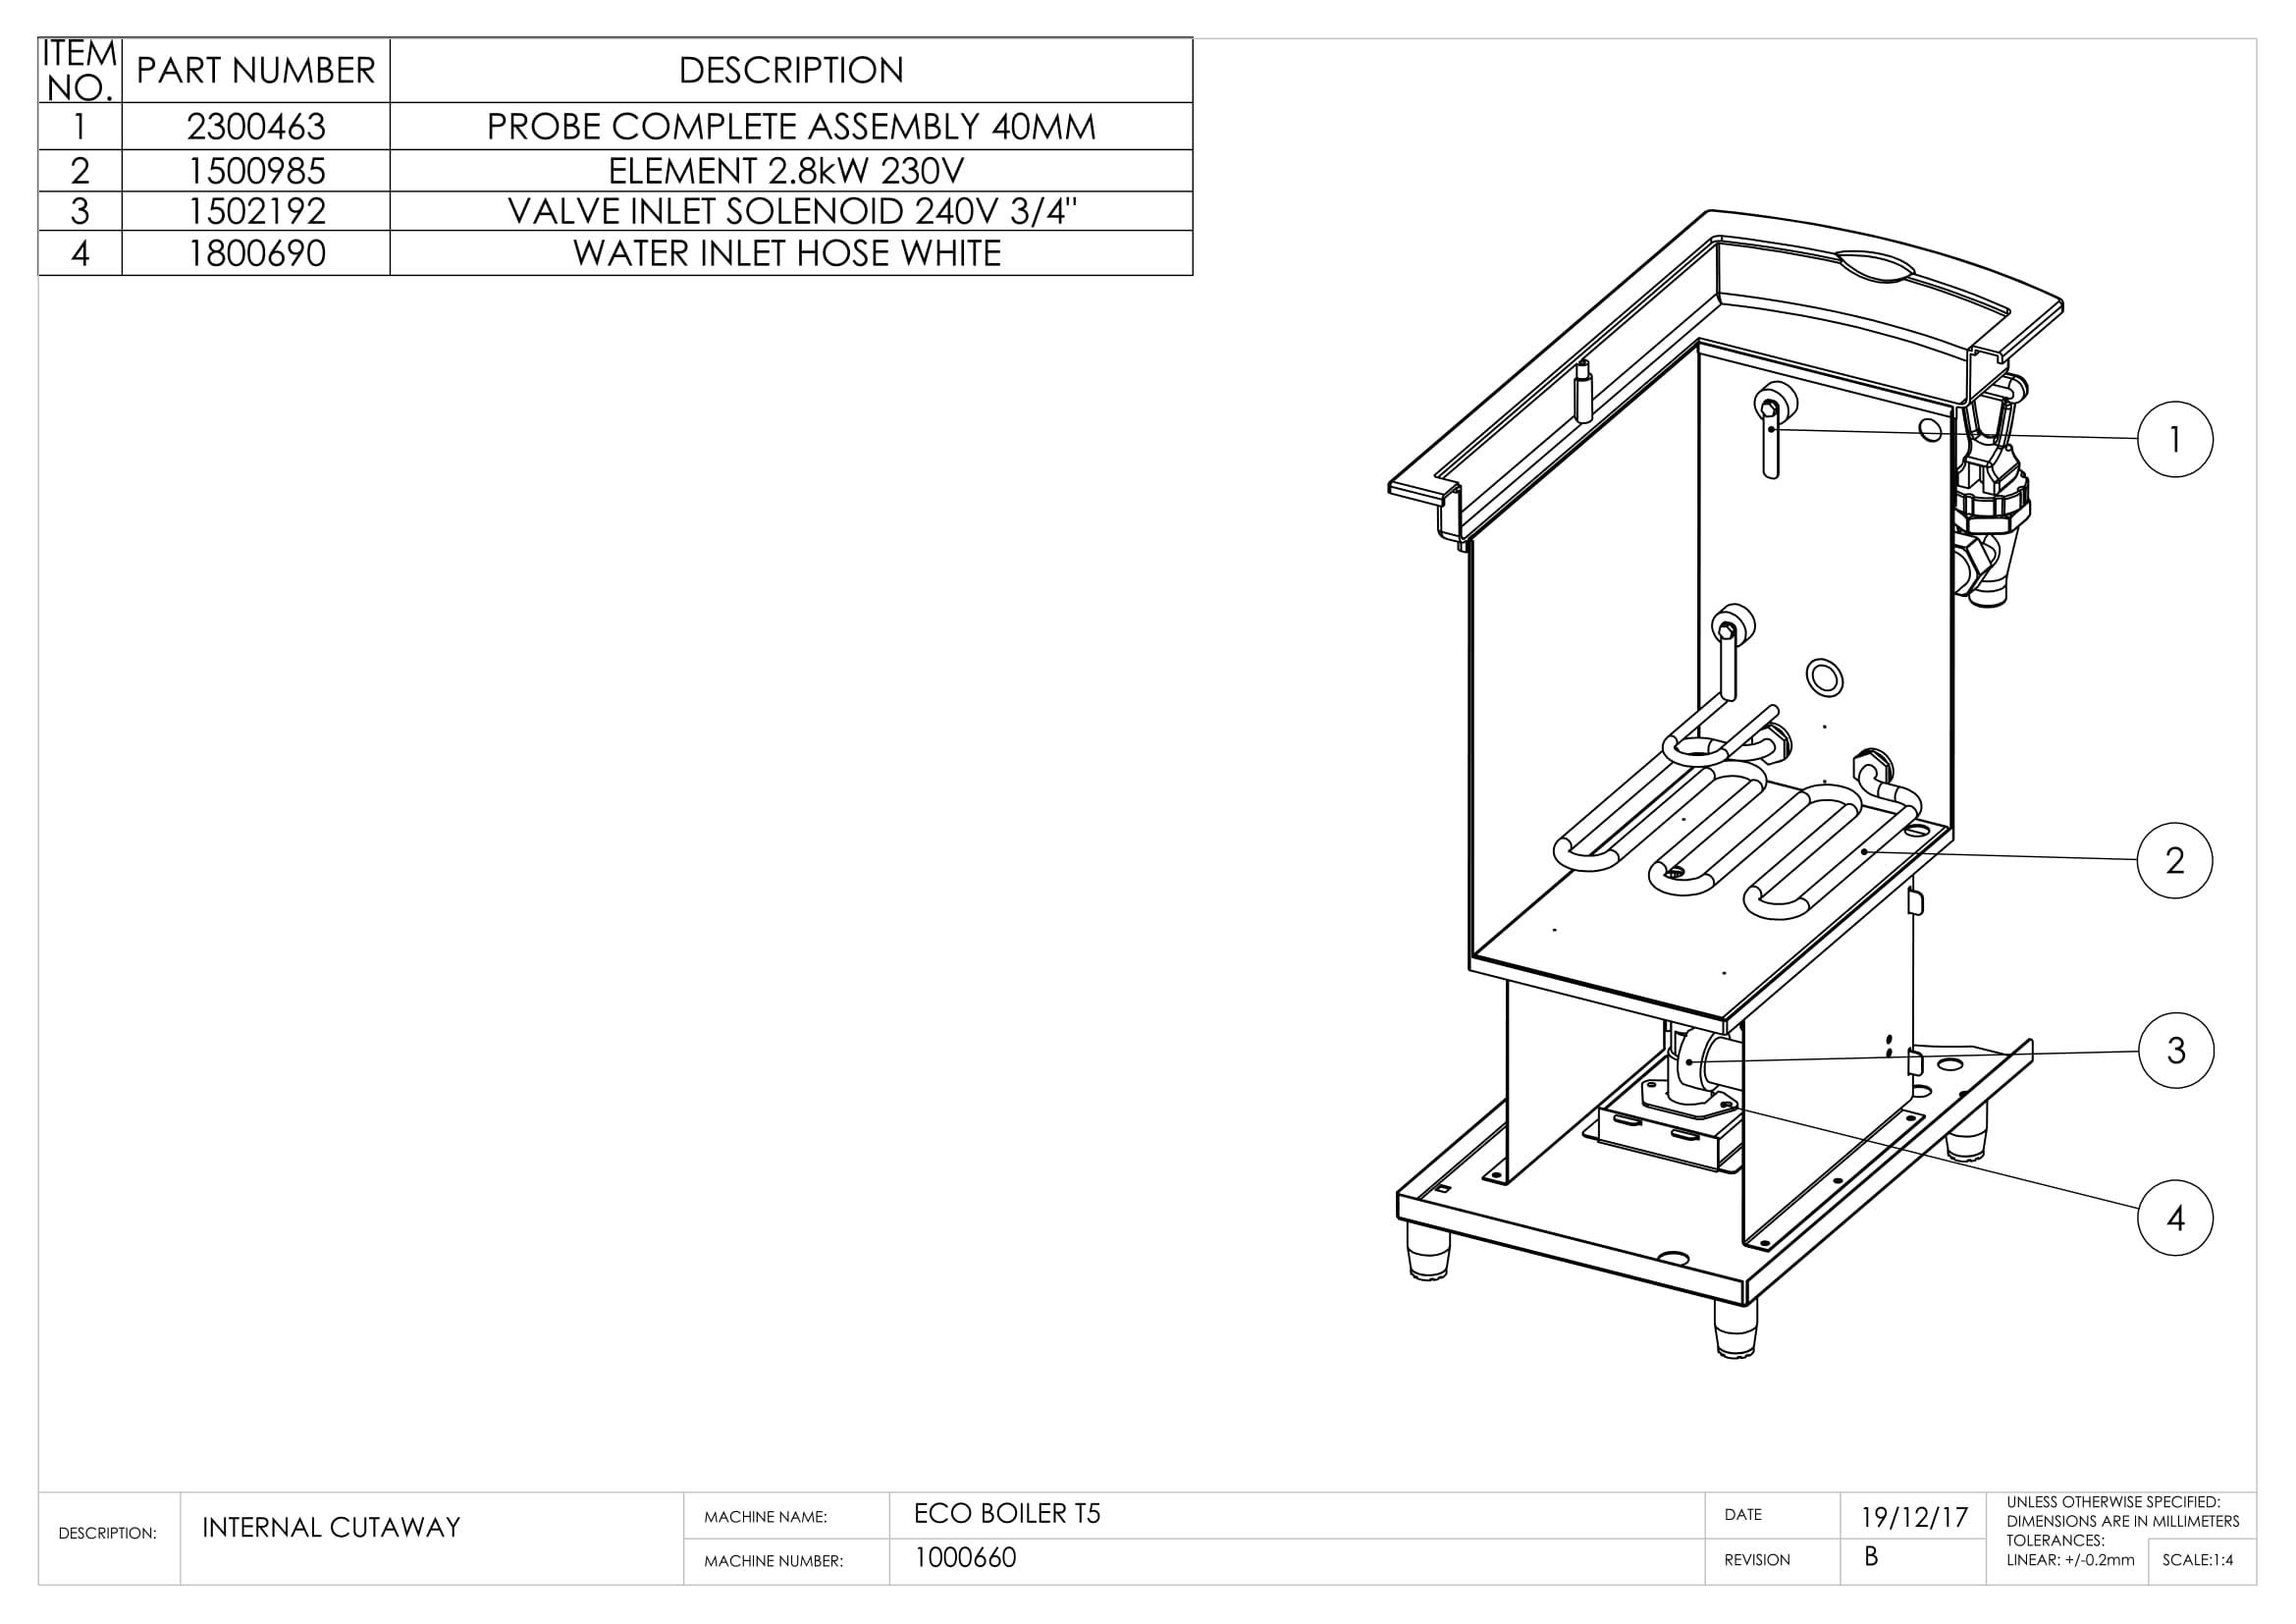 Mp 202 Kenwood Model Kdc Wiring Diagram | Wiring Schematic Diagram Kenwood Model Kecwd Wiring Diagram on